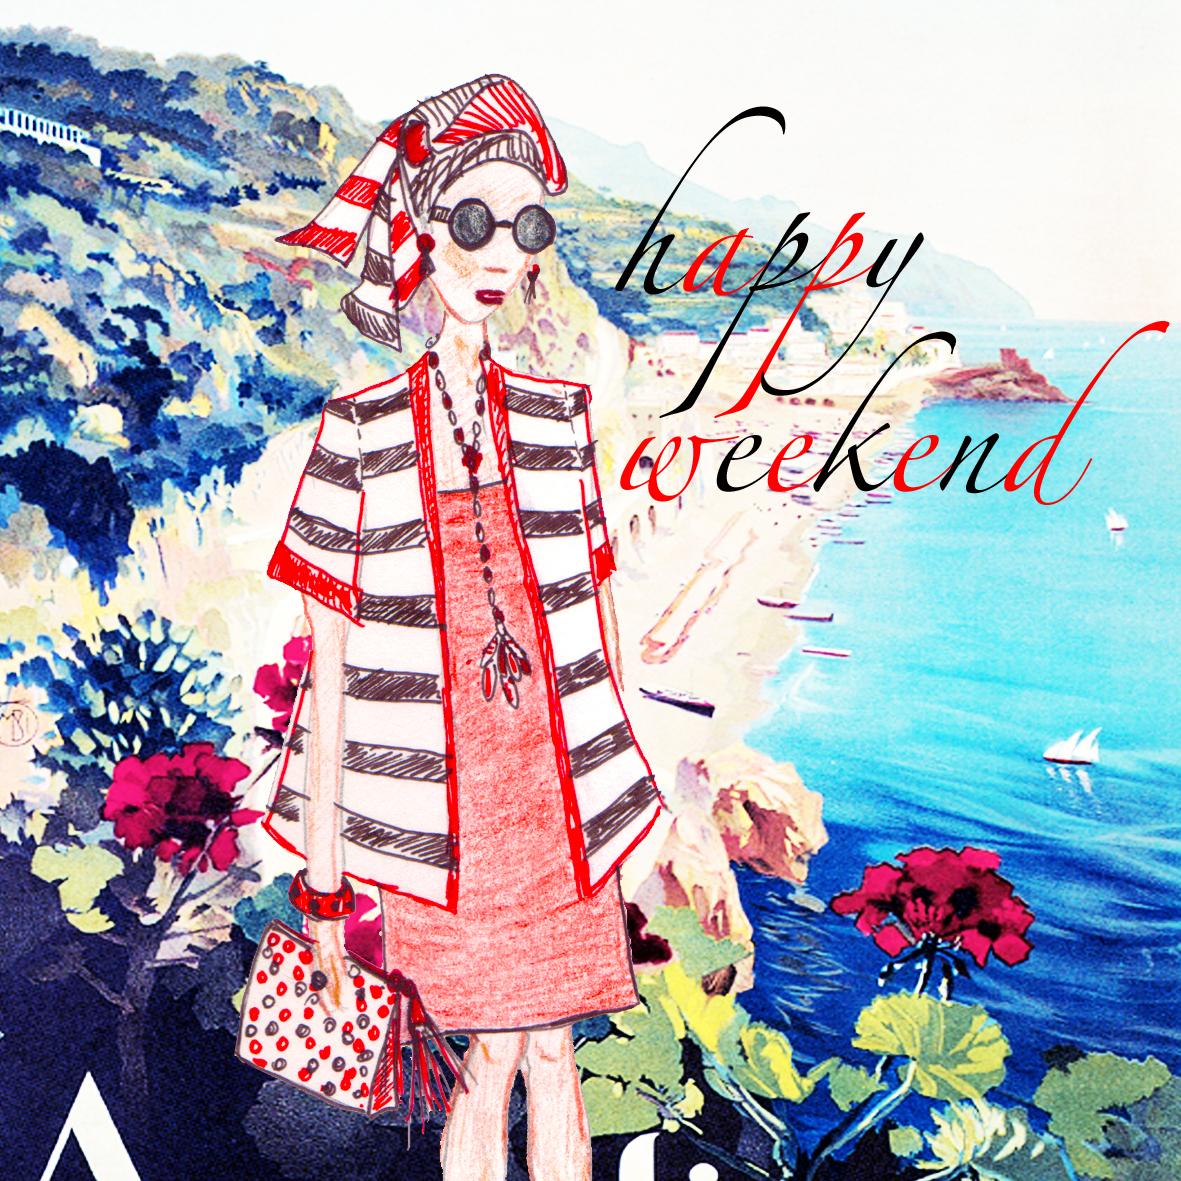 Happy weekend by Lady Tartan